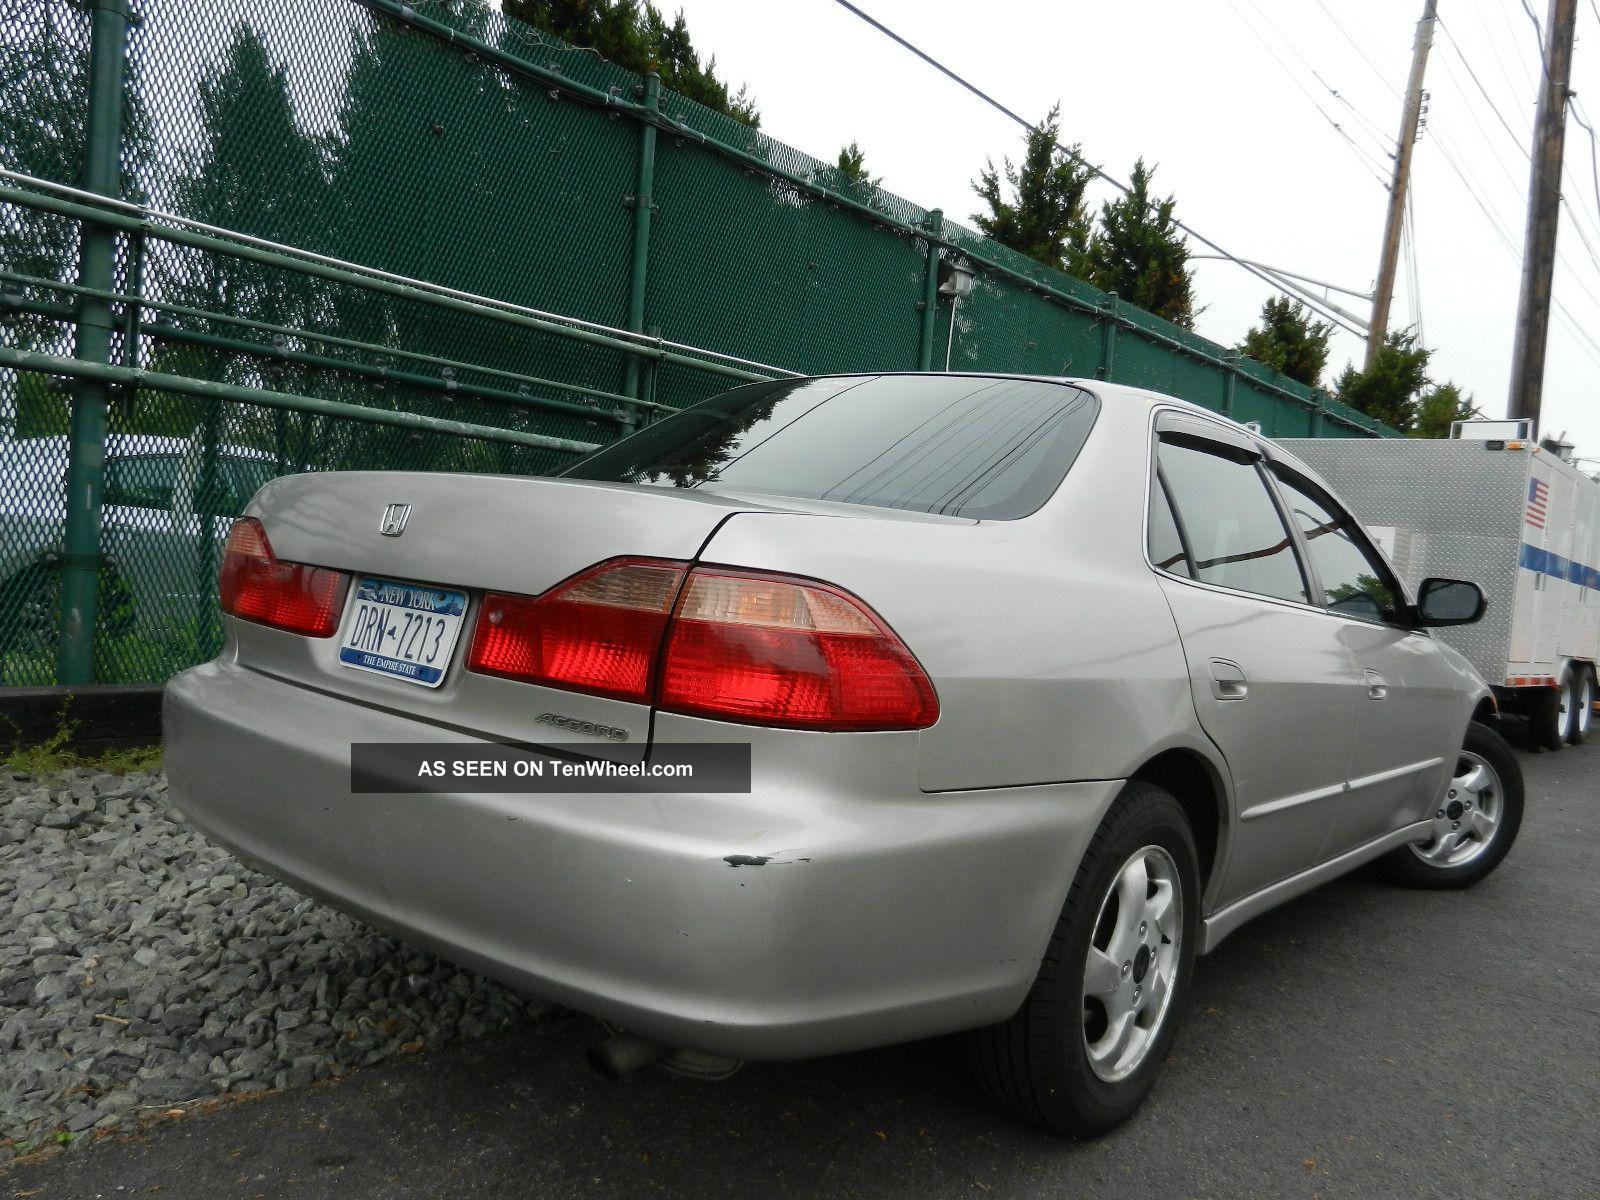 1999 honda accord ex sedan 4 door 2 3l 5speed manual rh tenwheel com 1999 honda accord ex service manual 1999 honda accord ex v6 manual